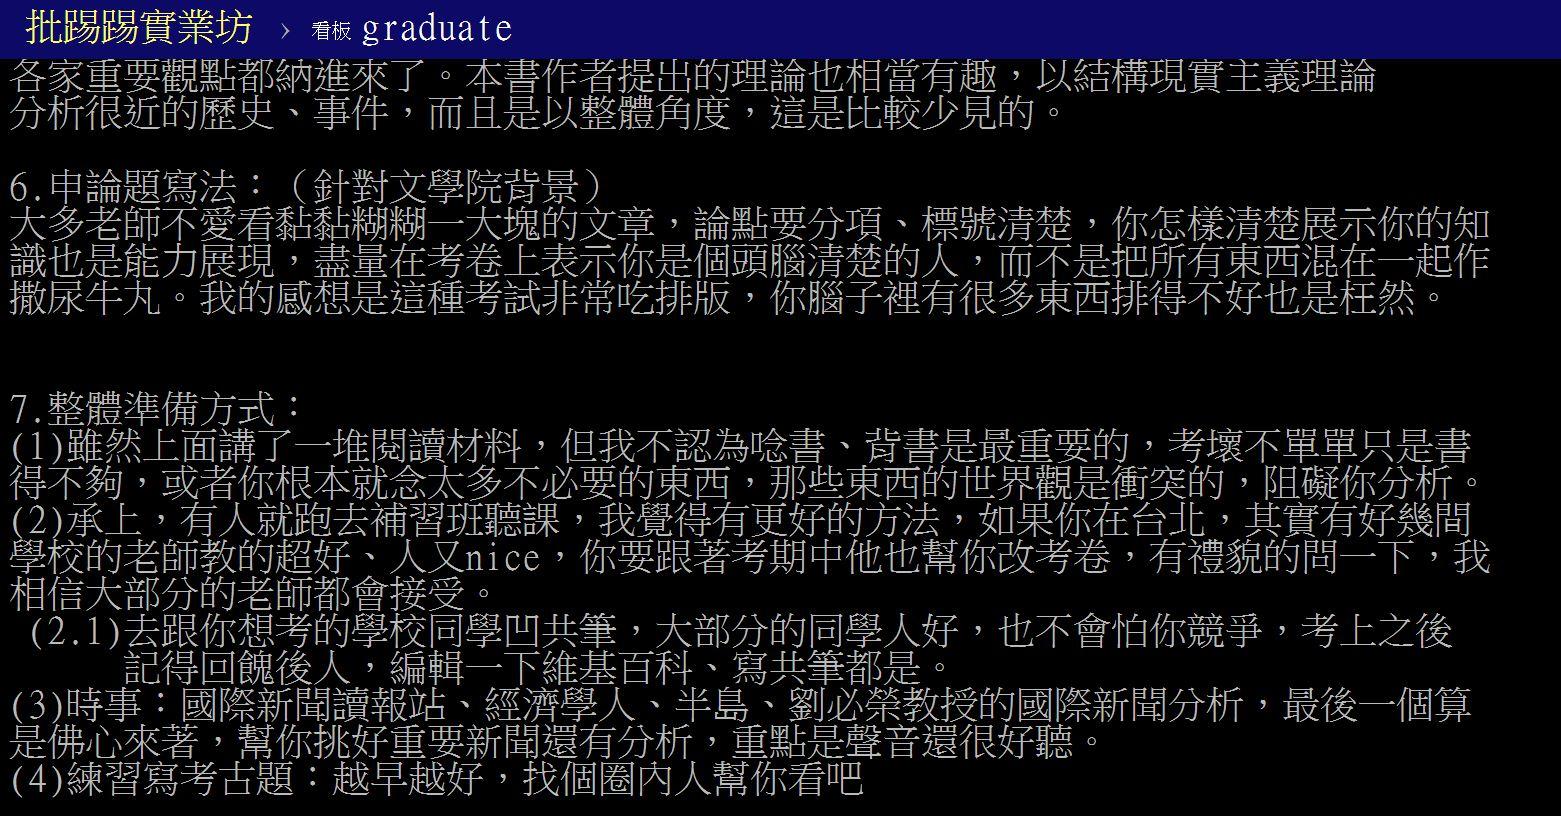 [請益] 願意改考卷的國關外交所教授是誰?